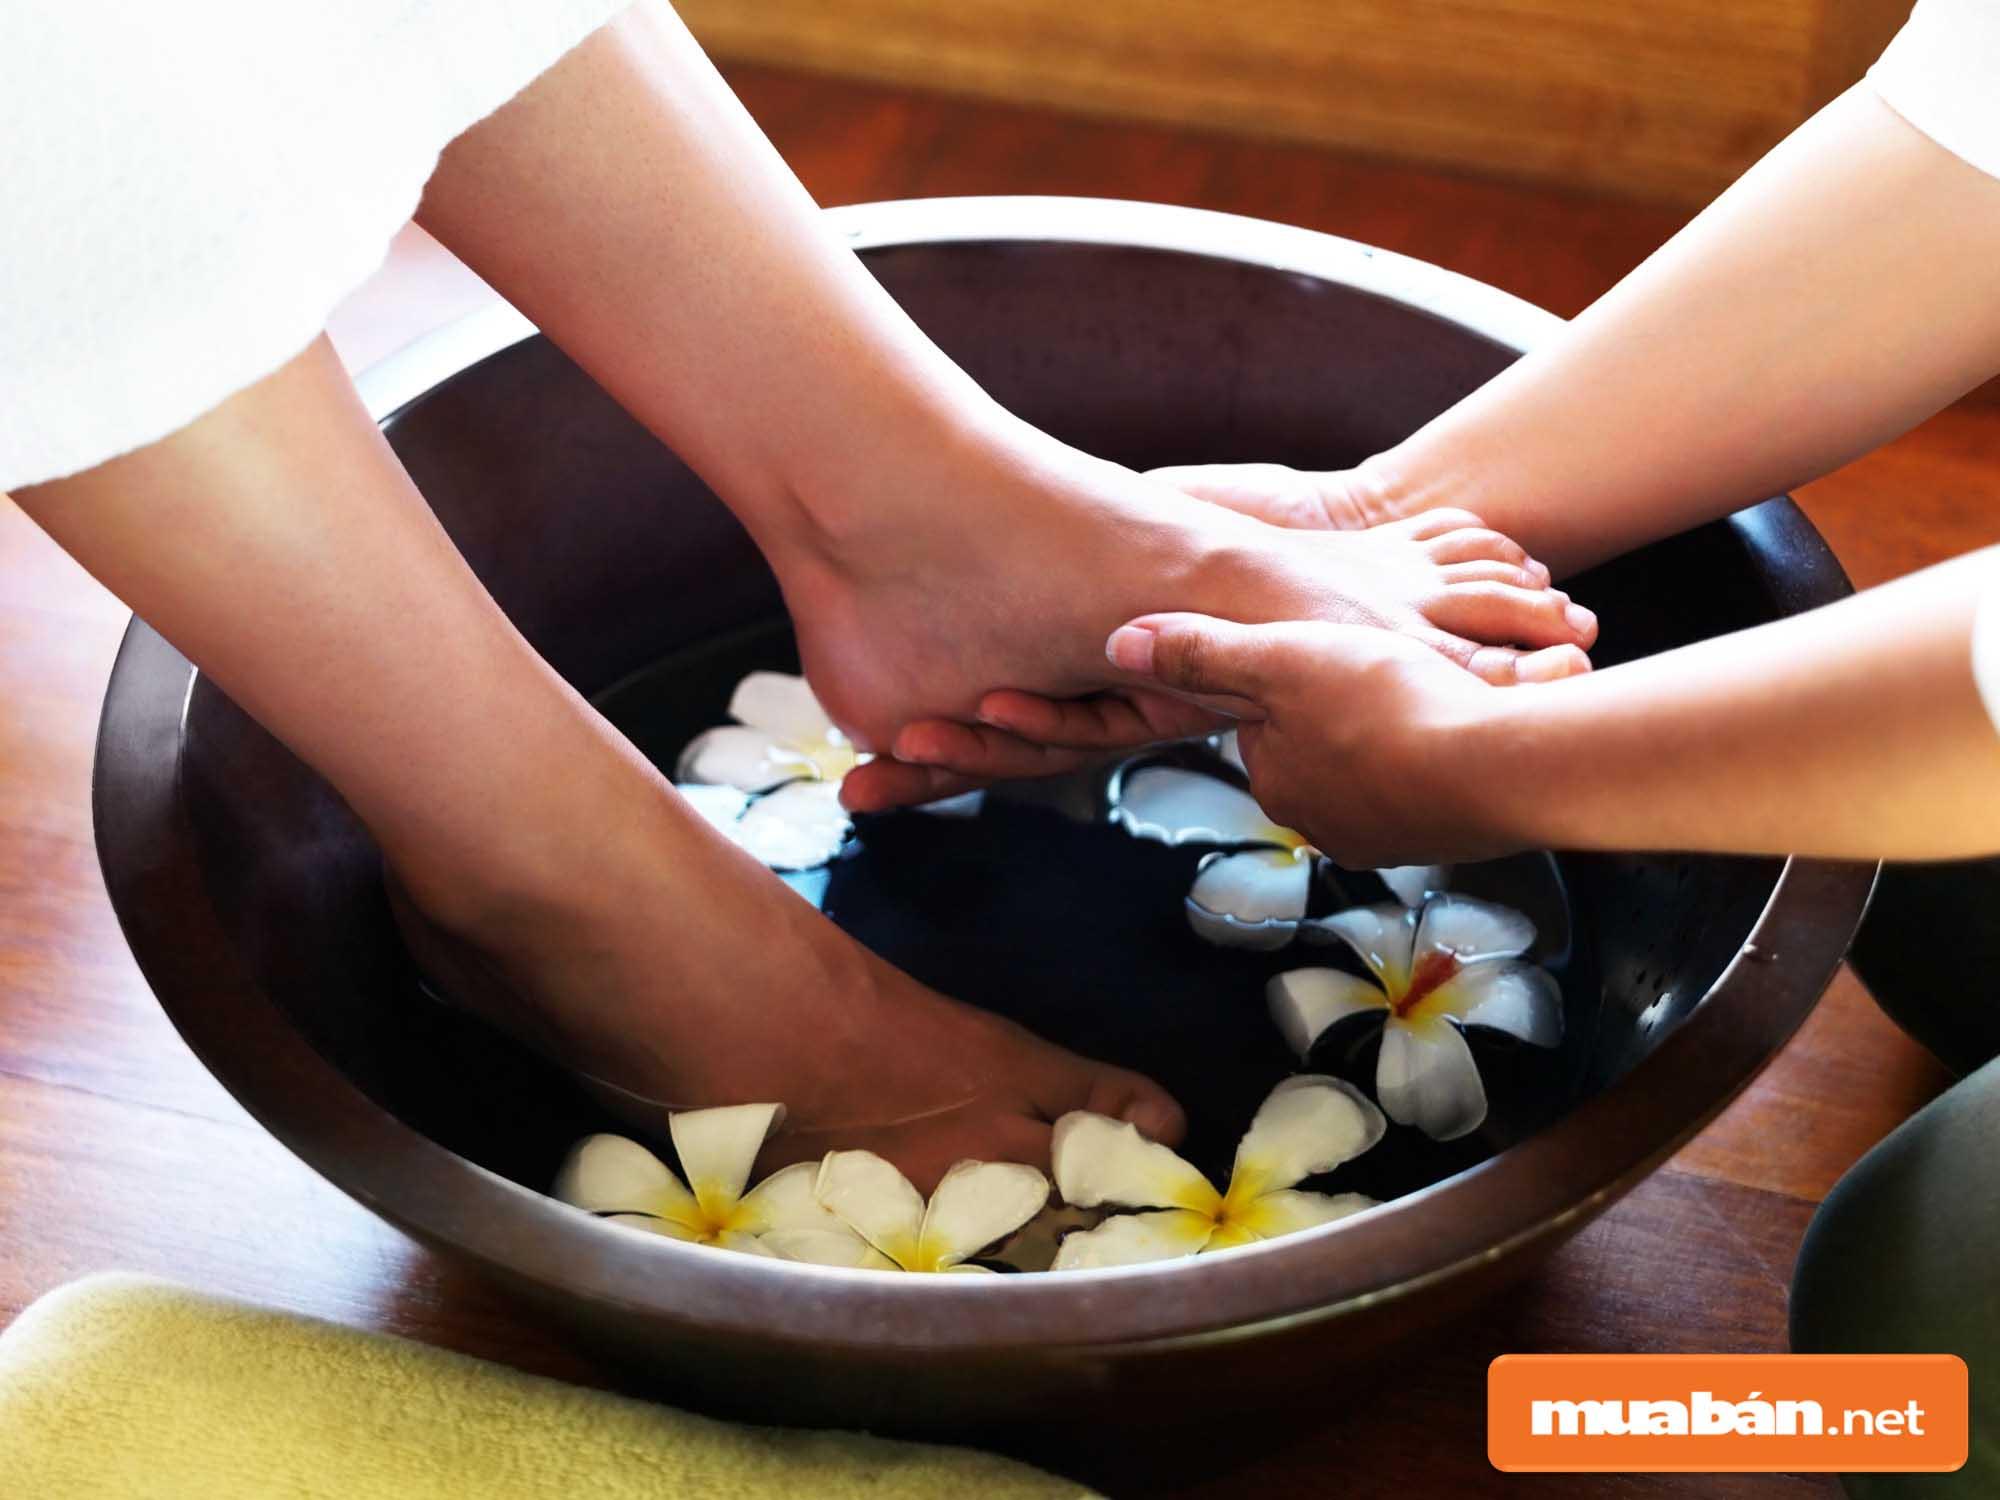 Tìm việc massage foot tại Hồ Chí Minh